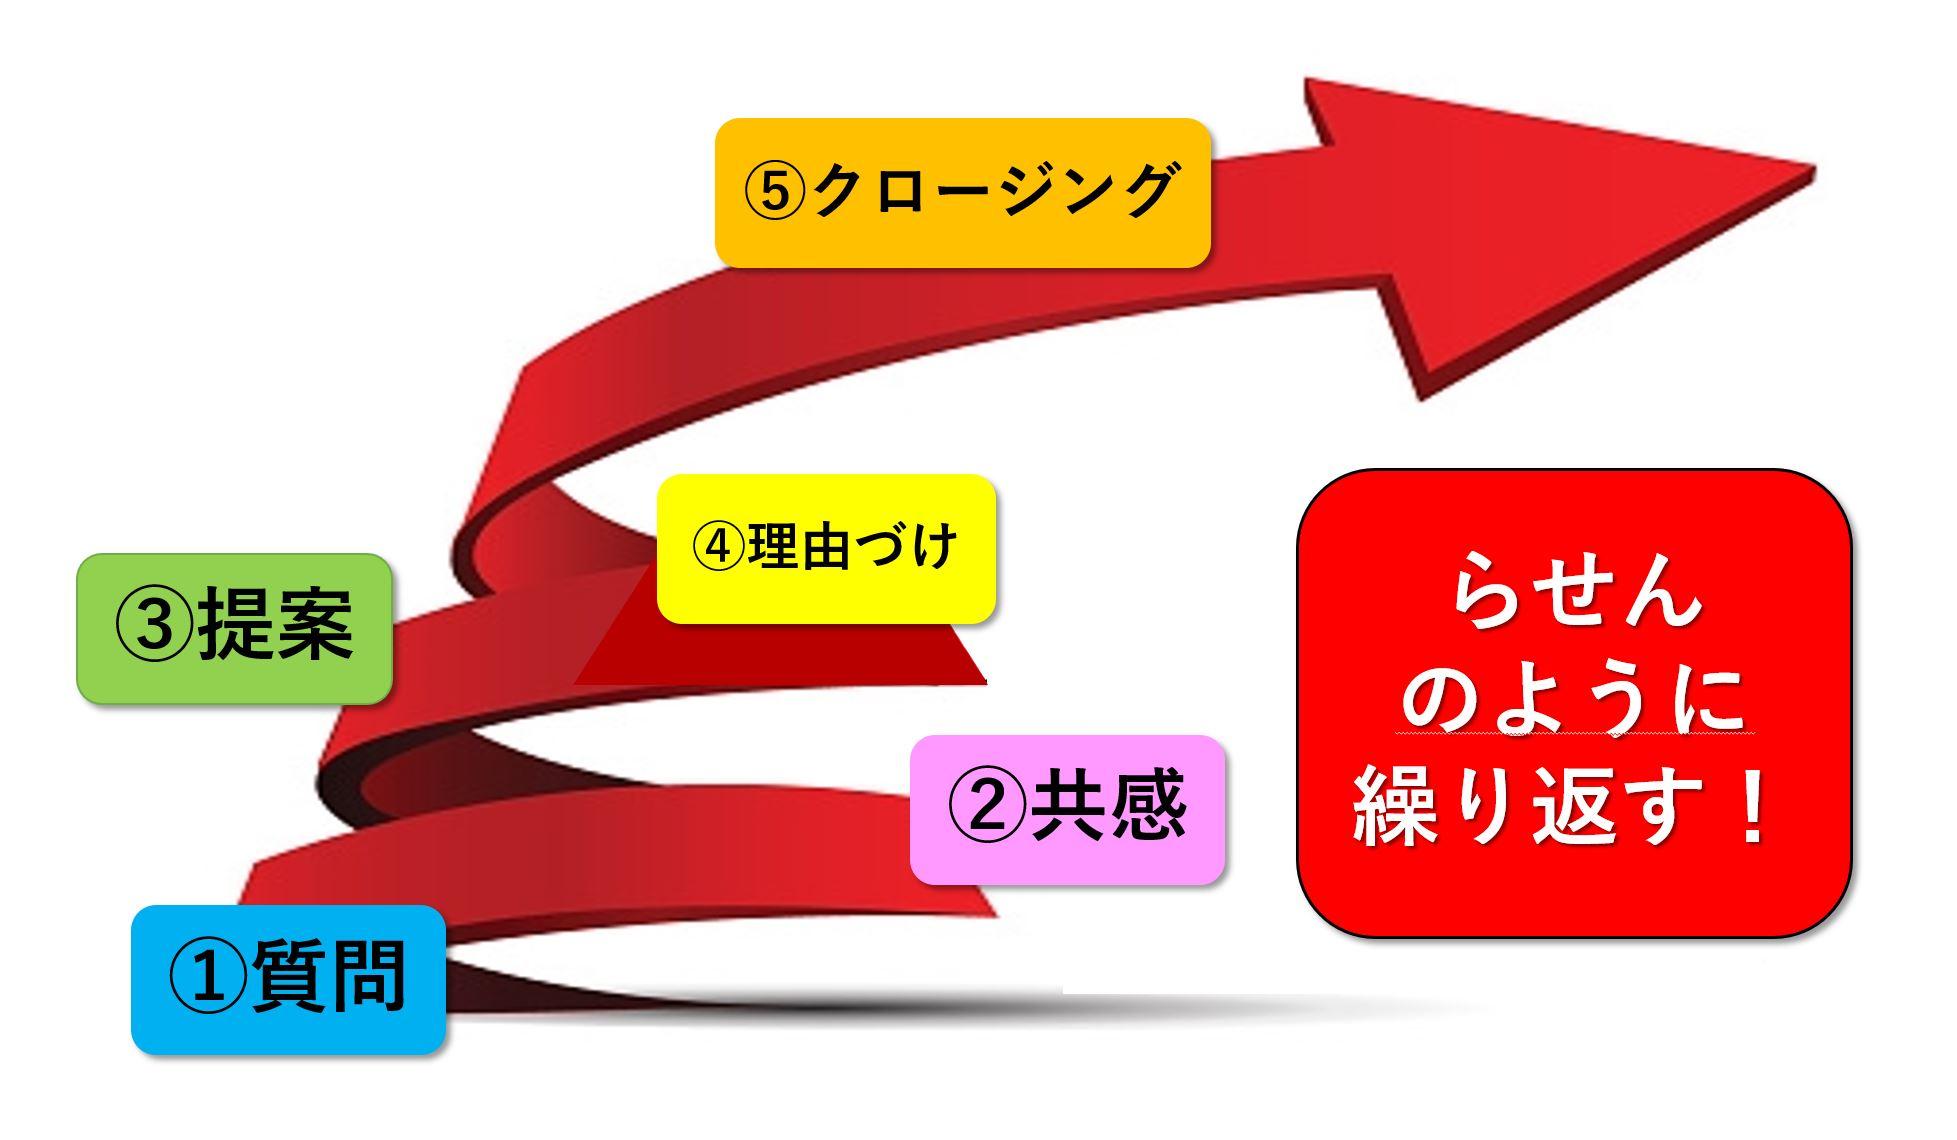 営業 反論解決の図